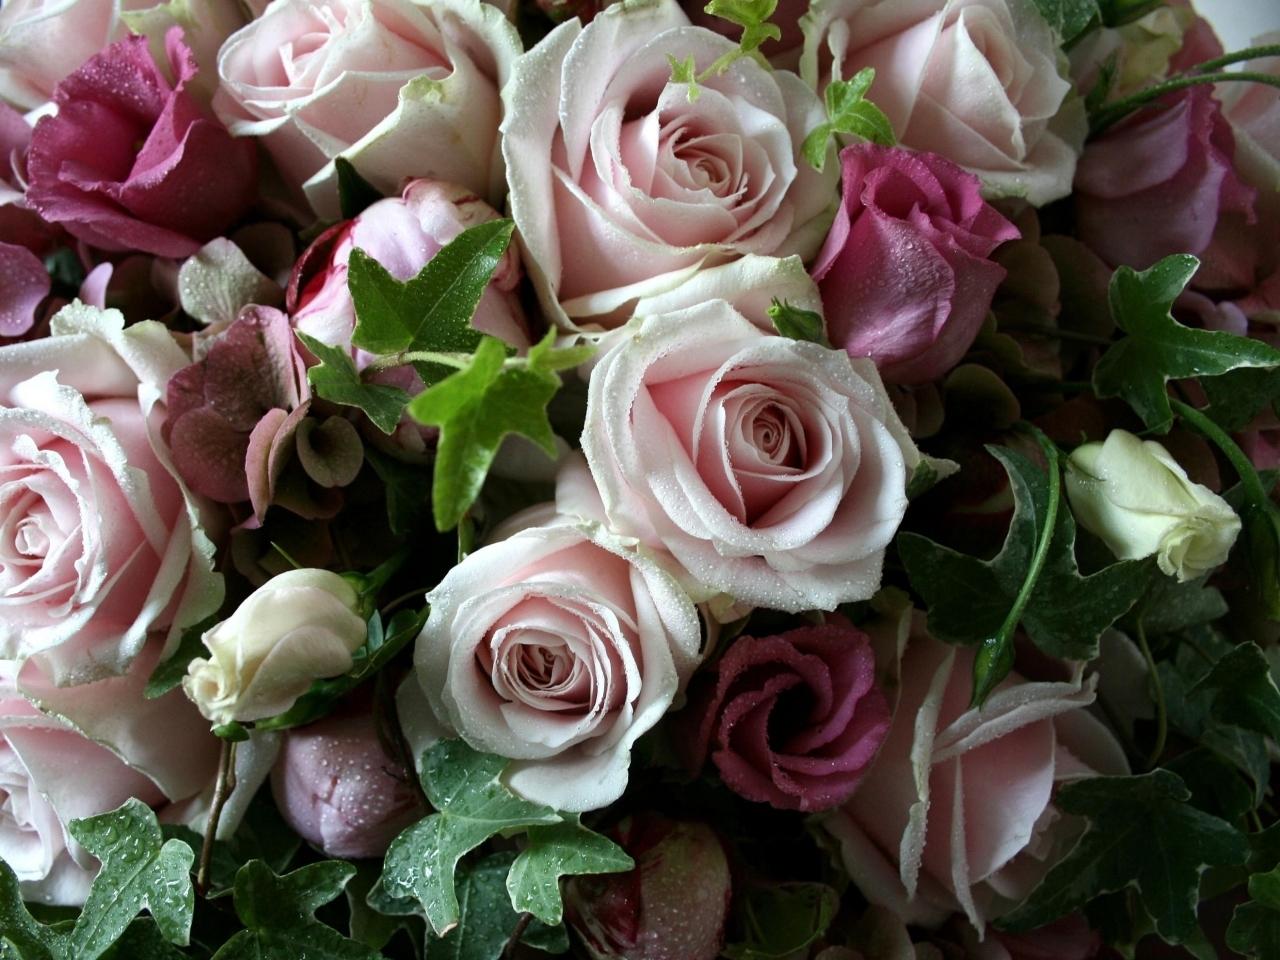 15712 descargar fondo de pantalla Plantas, Flores, Roses: protectores de pantalla e imágenes gratis